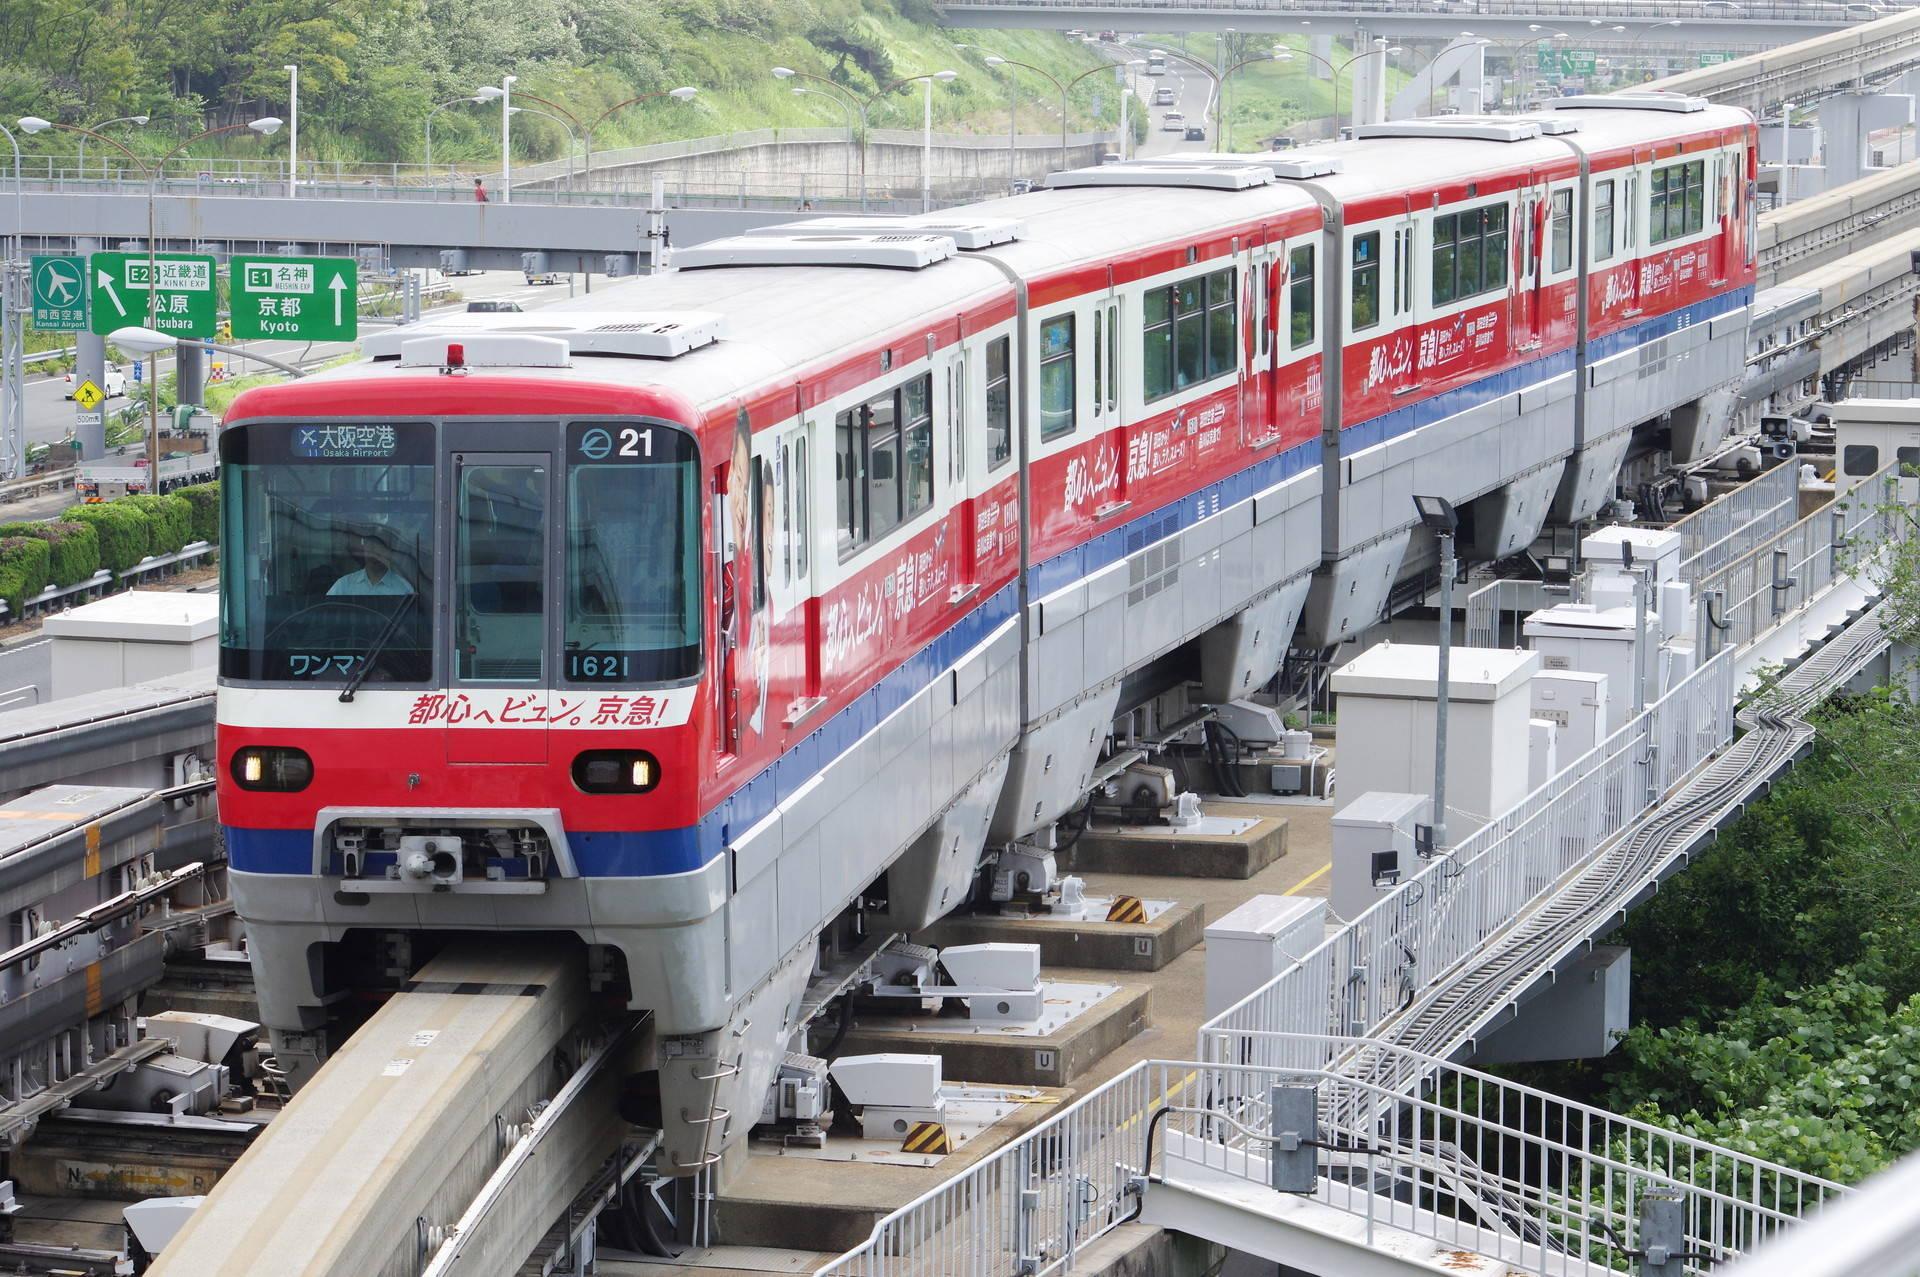 前照灯を京急仕様のものに変えた、大阪モノレールのウソ電